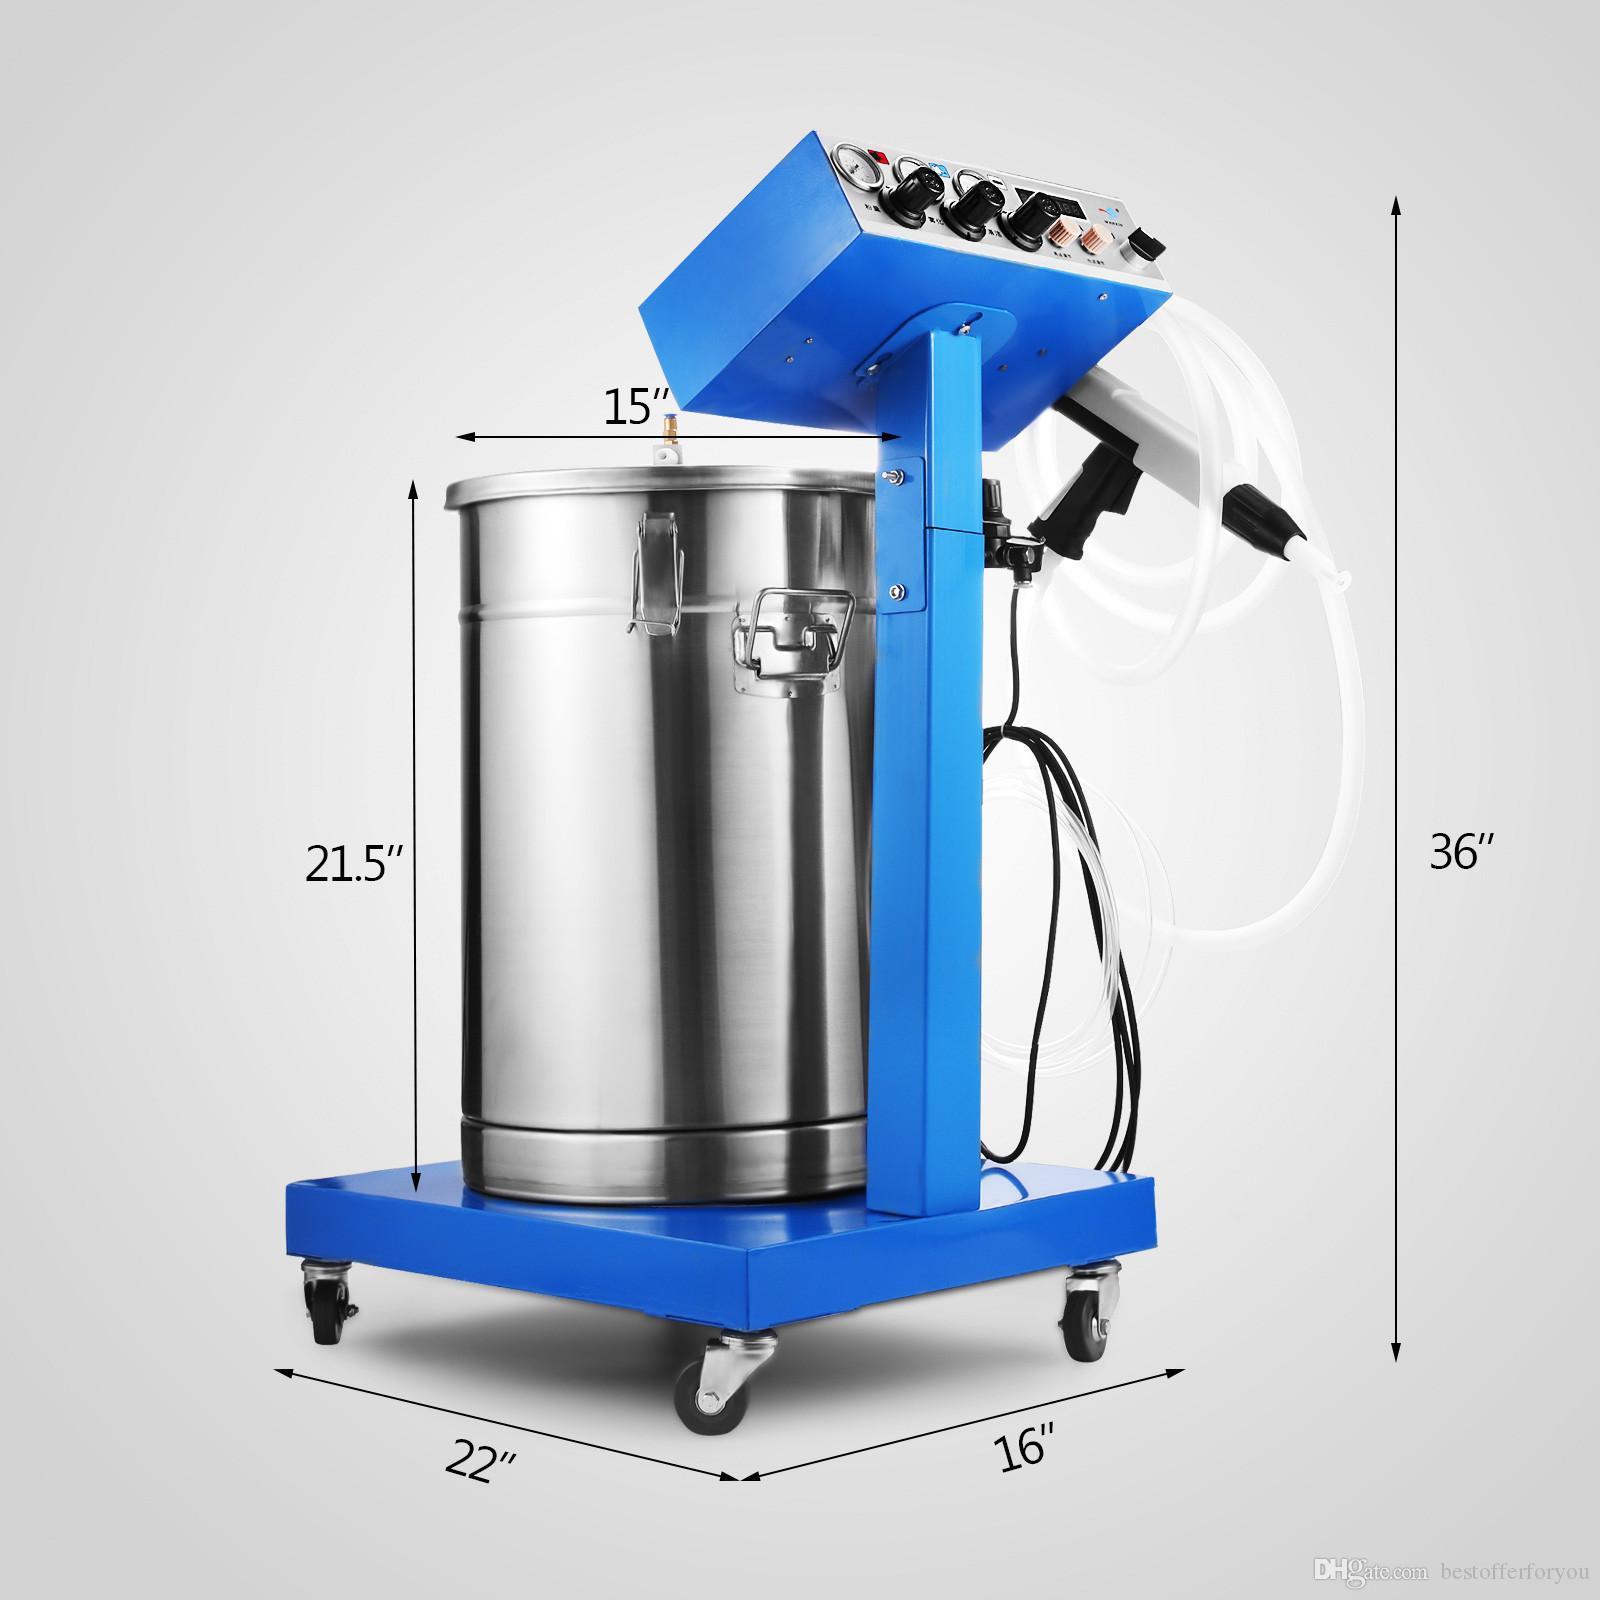 50W новое электростатическое оборудование для нанесения покрытия порошка системы краски пушки машины системы покрытия порошка брызга самое лучшее распыляя